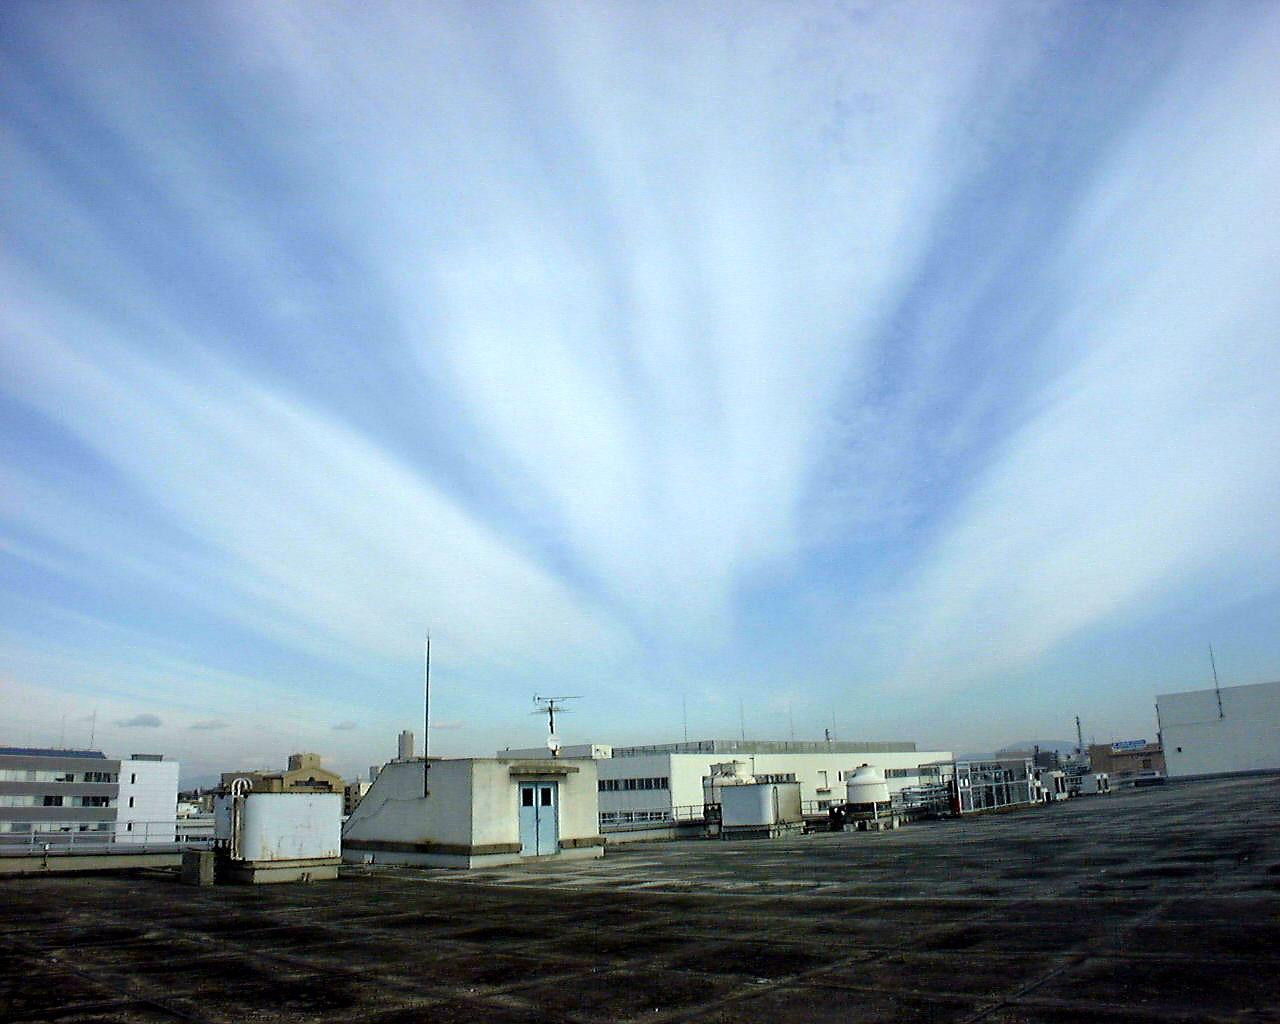 4 260 - ほんとに地震がくるの?初めての「地震雲」の知識